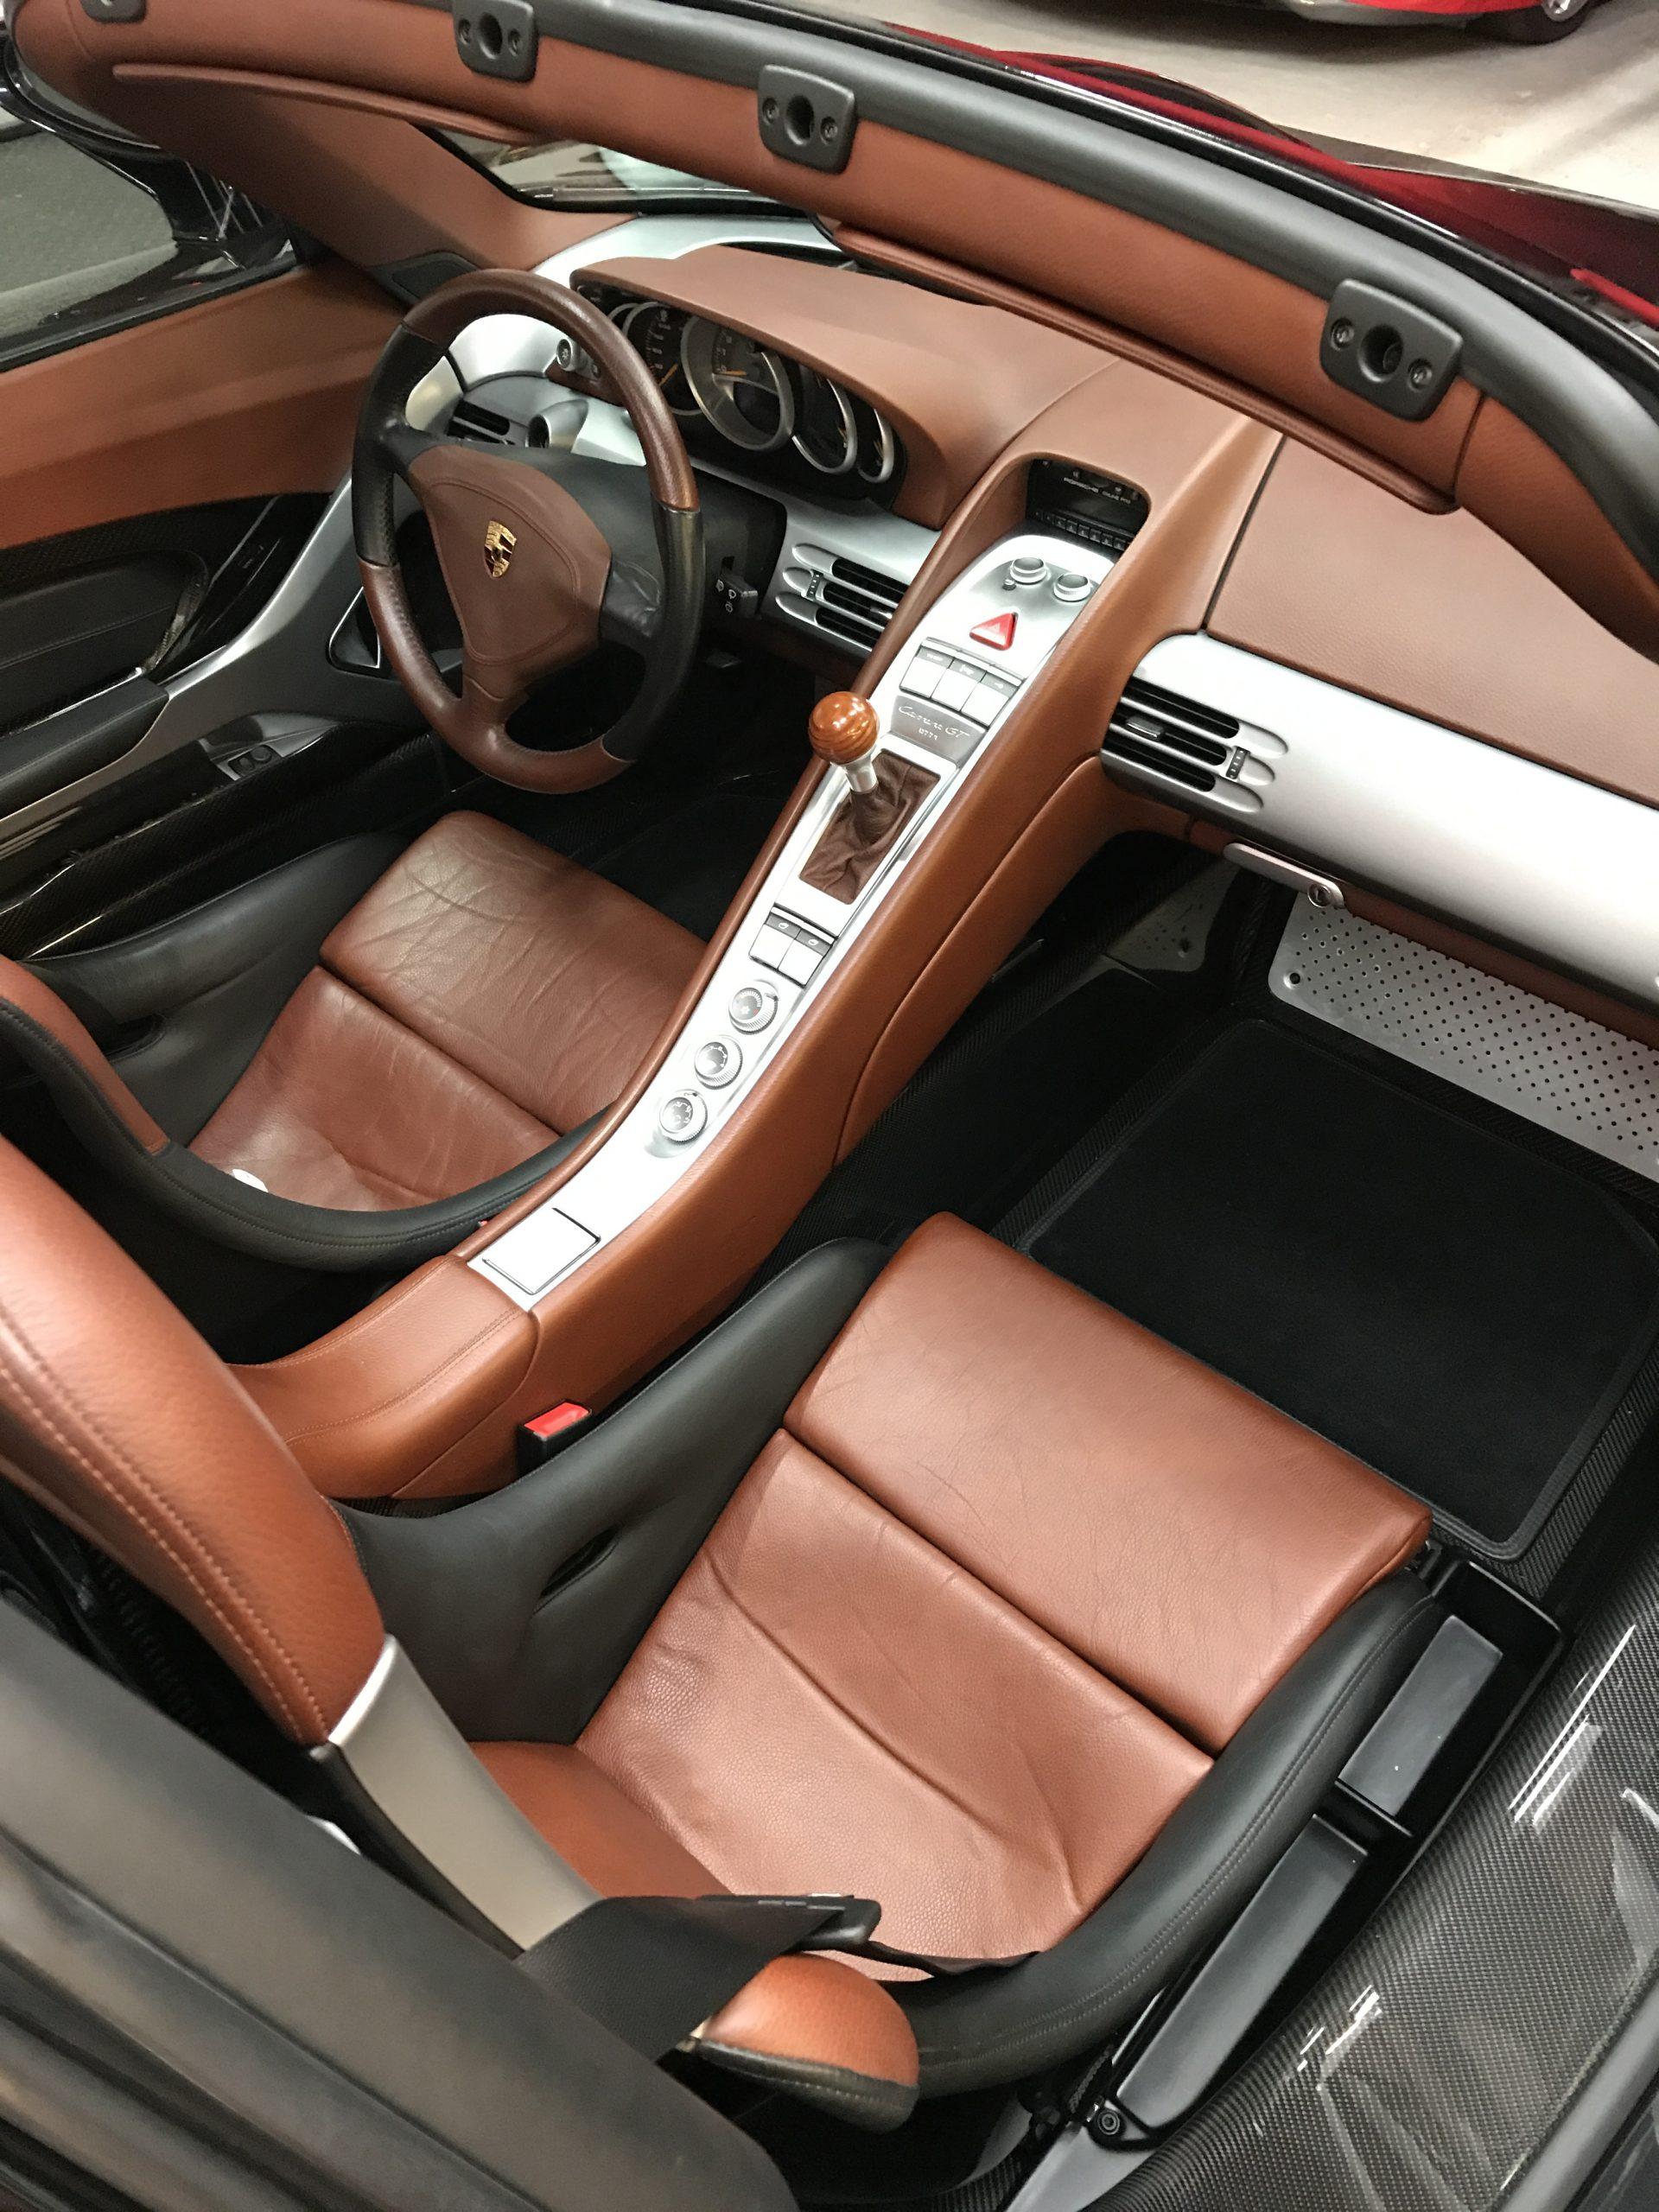 Interior supercars detailing